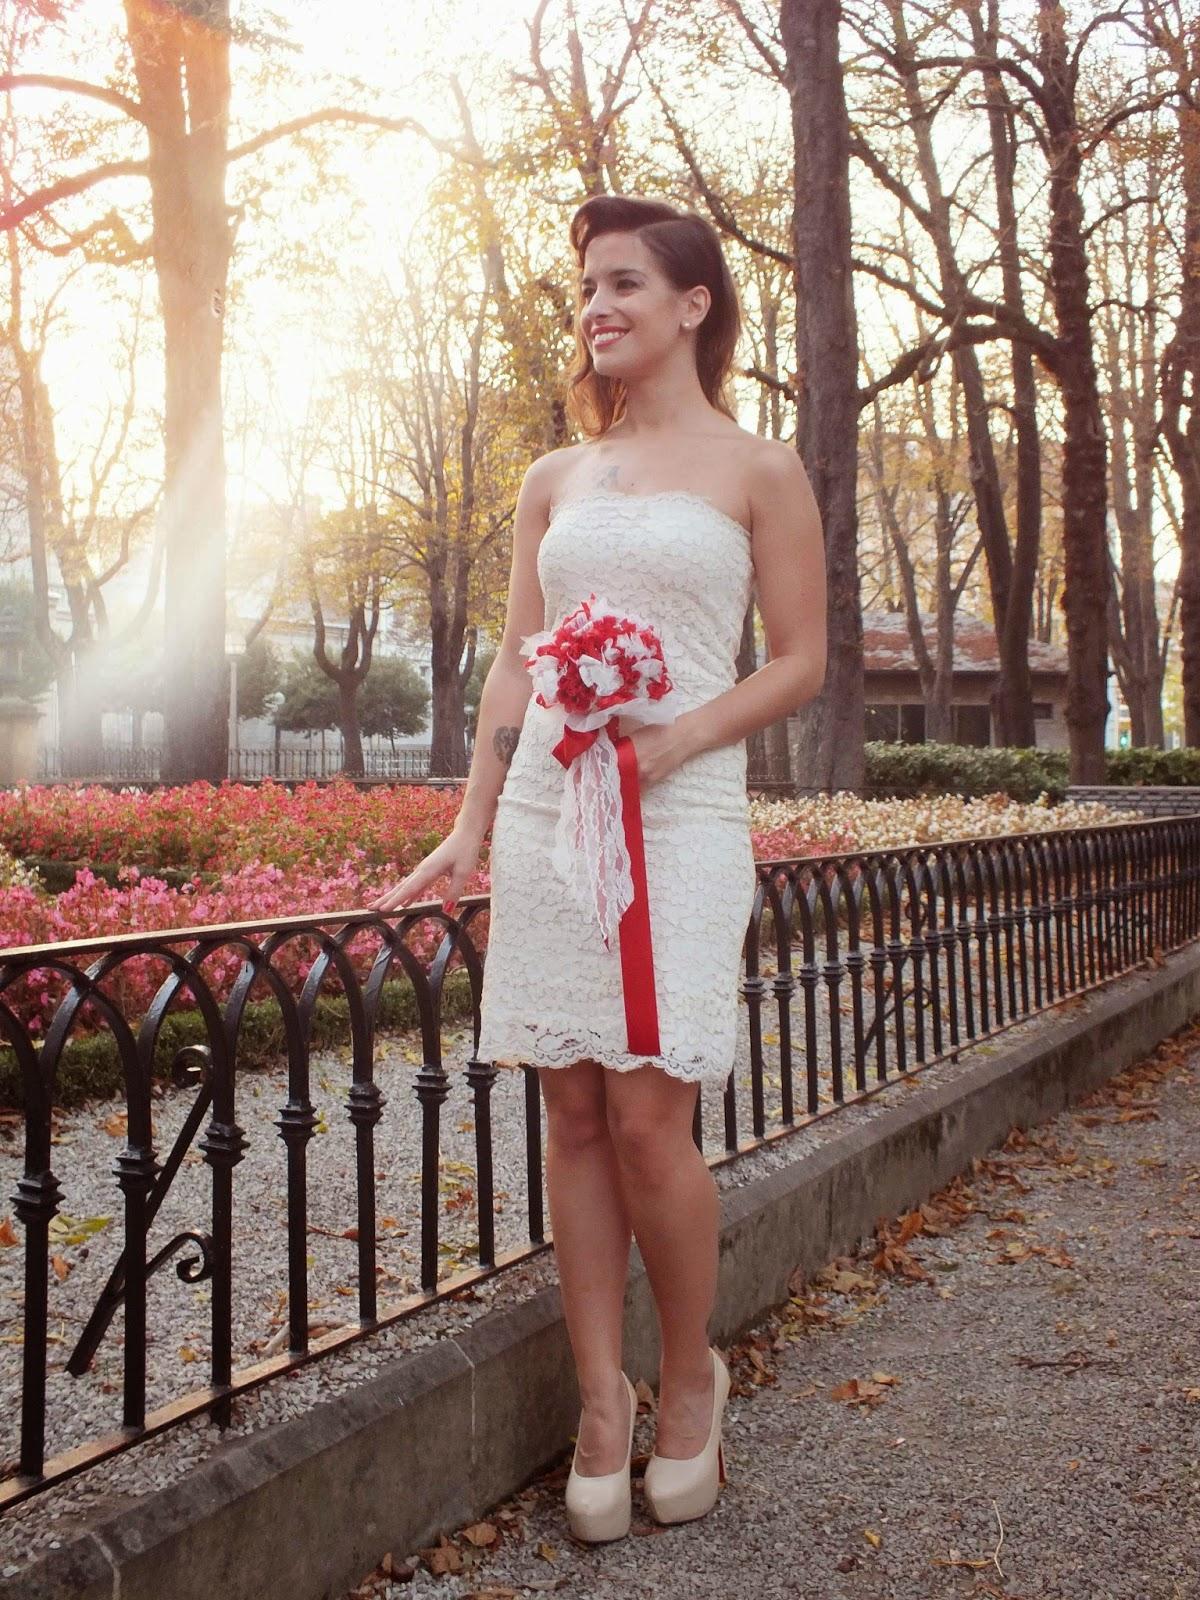 Conjuntos Boy fuego vestido de novia blanco